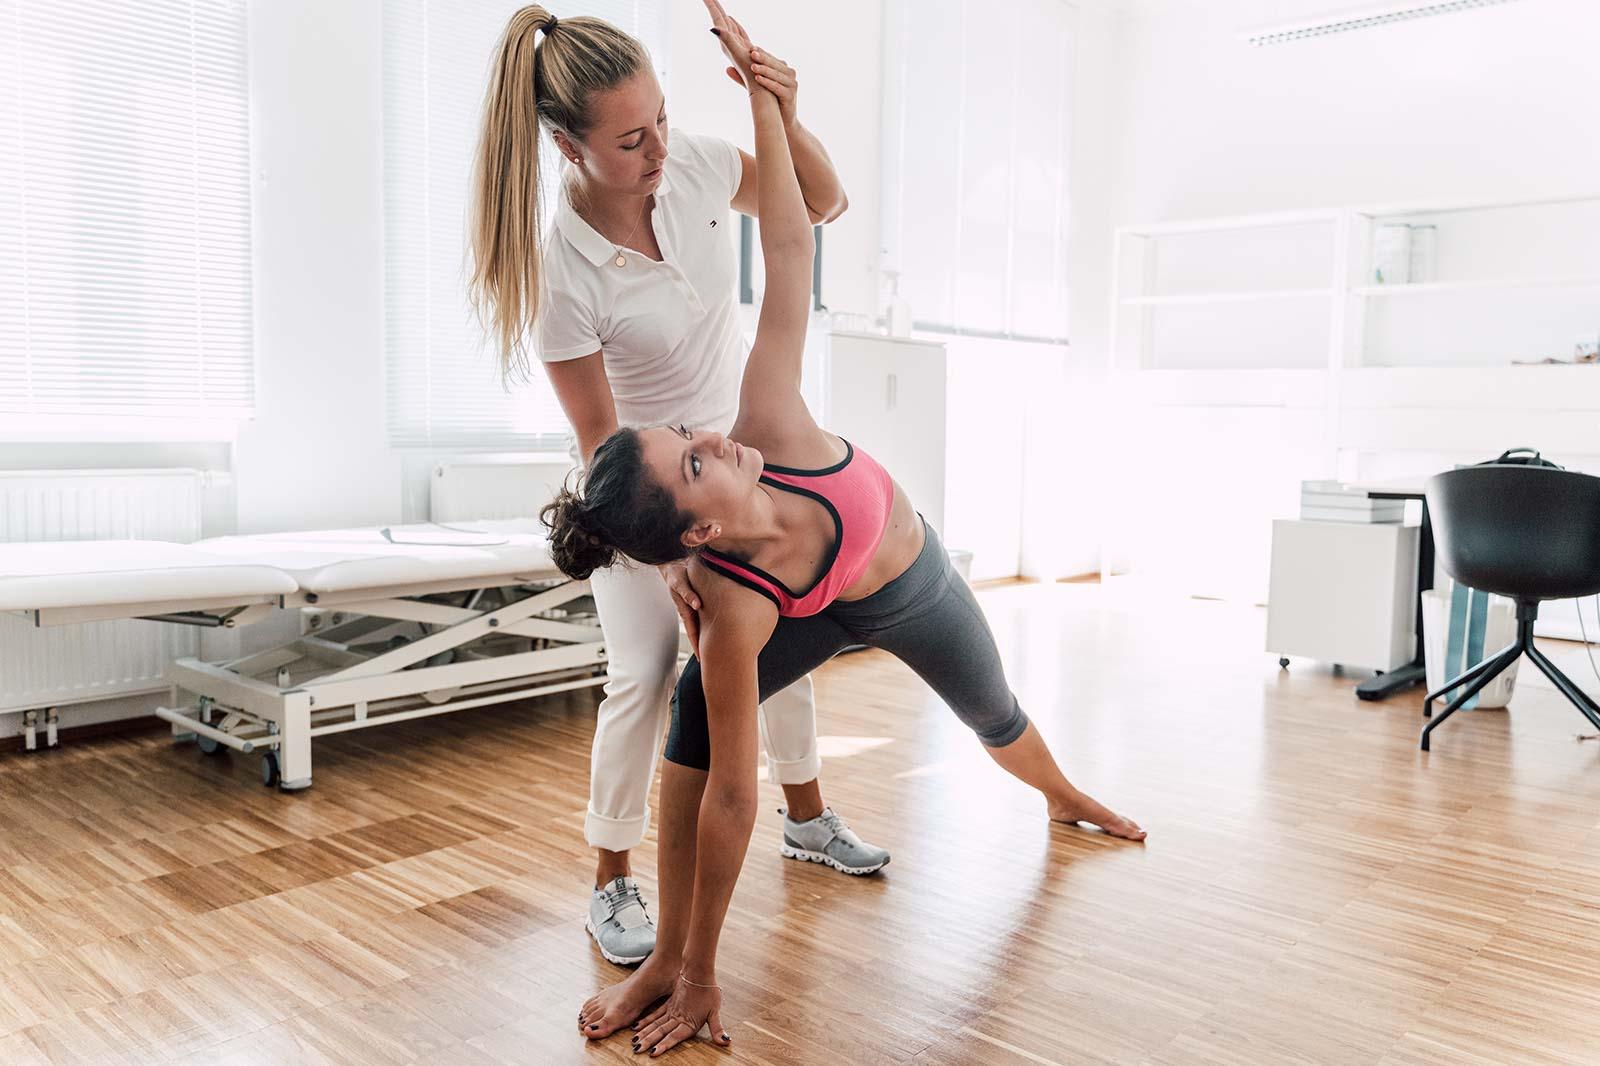 Therapeutisches Yoga mit Livia Tasch, BSc. im medsyn, 1190 Wien